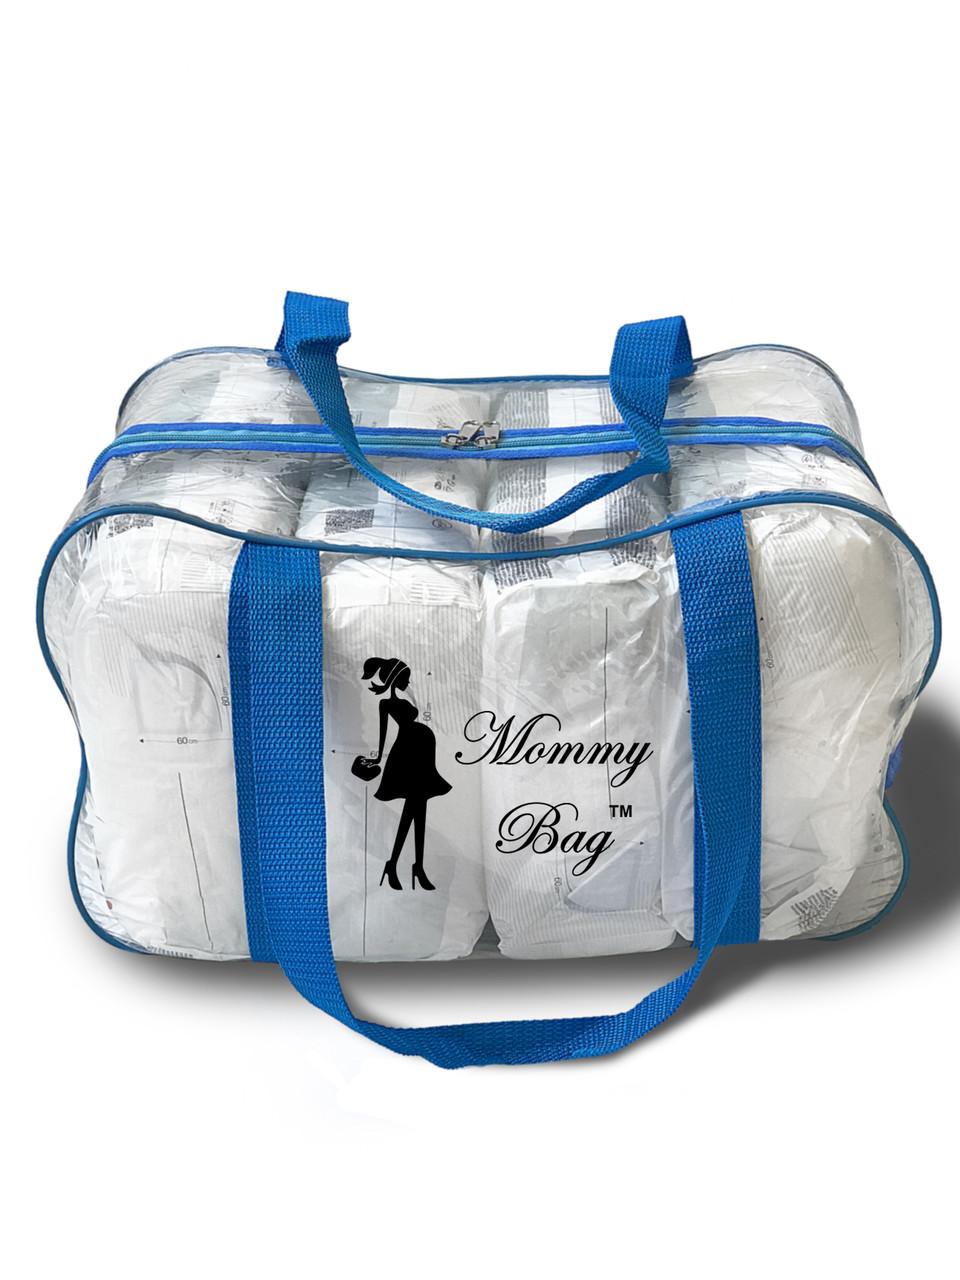 Сумка прозрачная в роддом Mommy Bag - M - 40*25*20 см Синяя